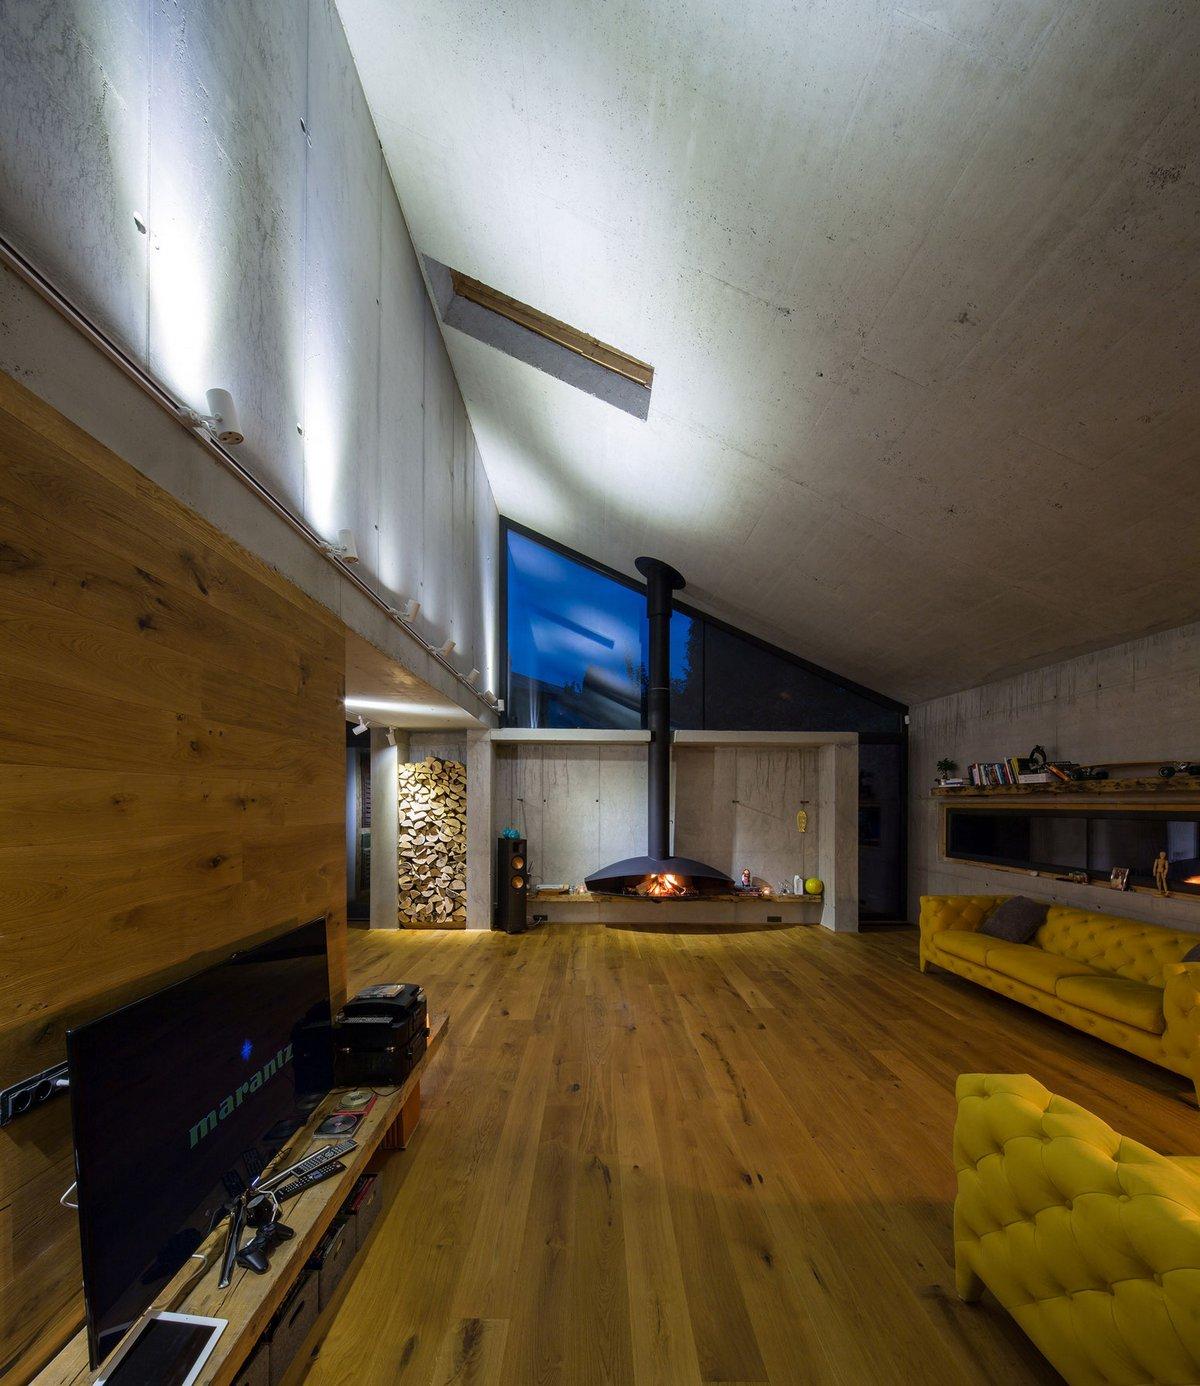 LAMA Arhitectura, Casa G3, реконструкция частного дома фото, крыша необычной формы фото, частный дом с террасой и бассейном фото, дома в Румынии фото